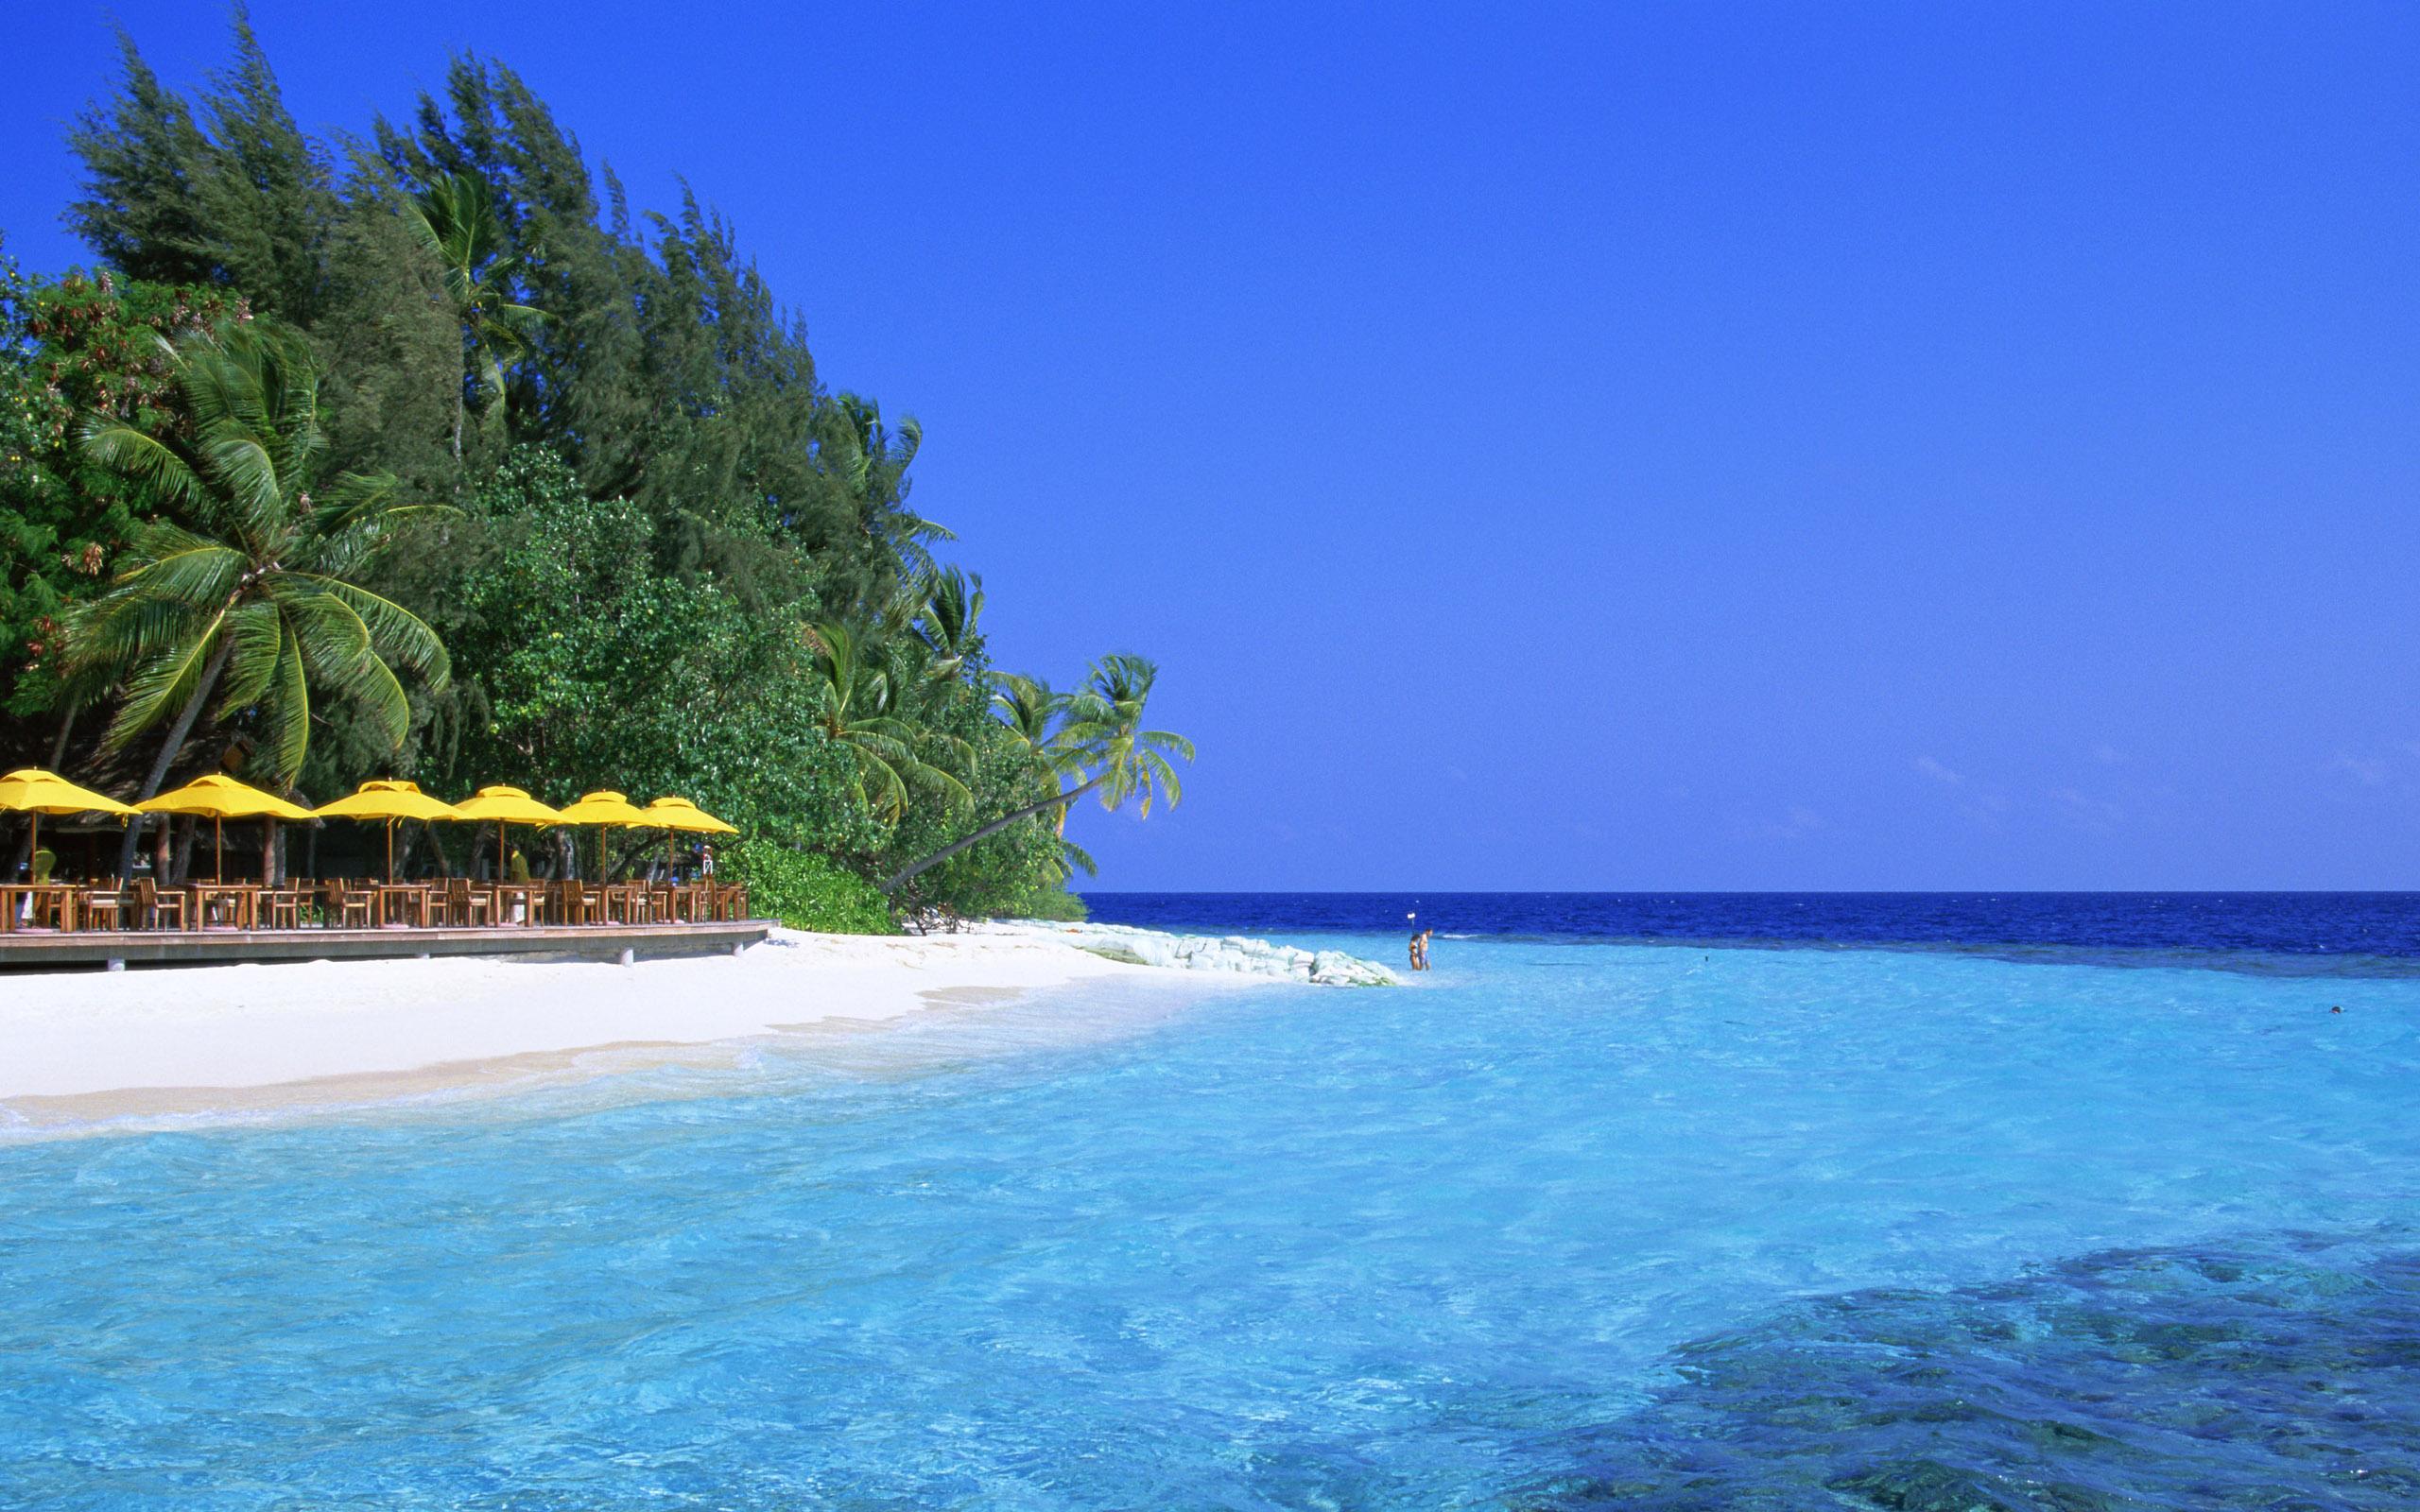 Beaches Islands HD Wallpapers, Beach Desktop Backgrounds, Images ...